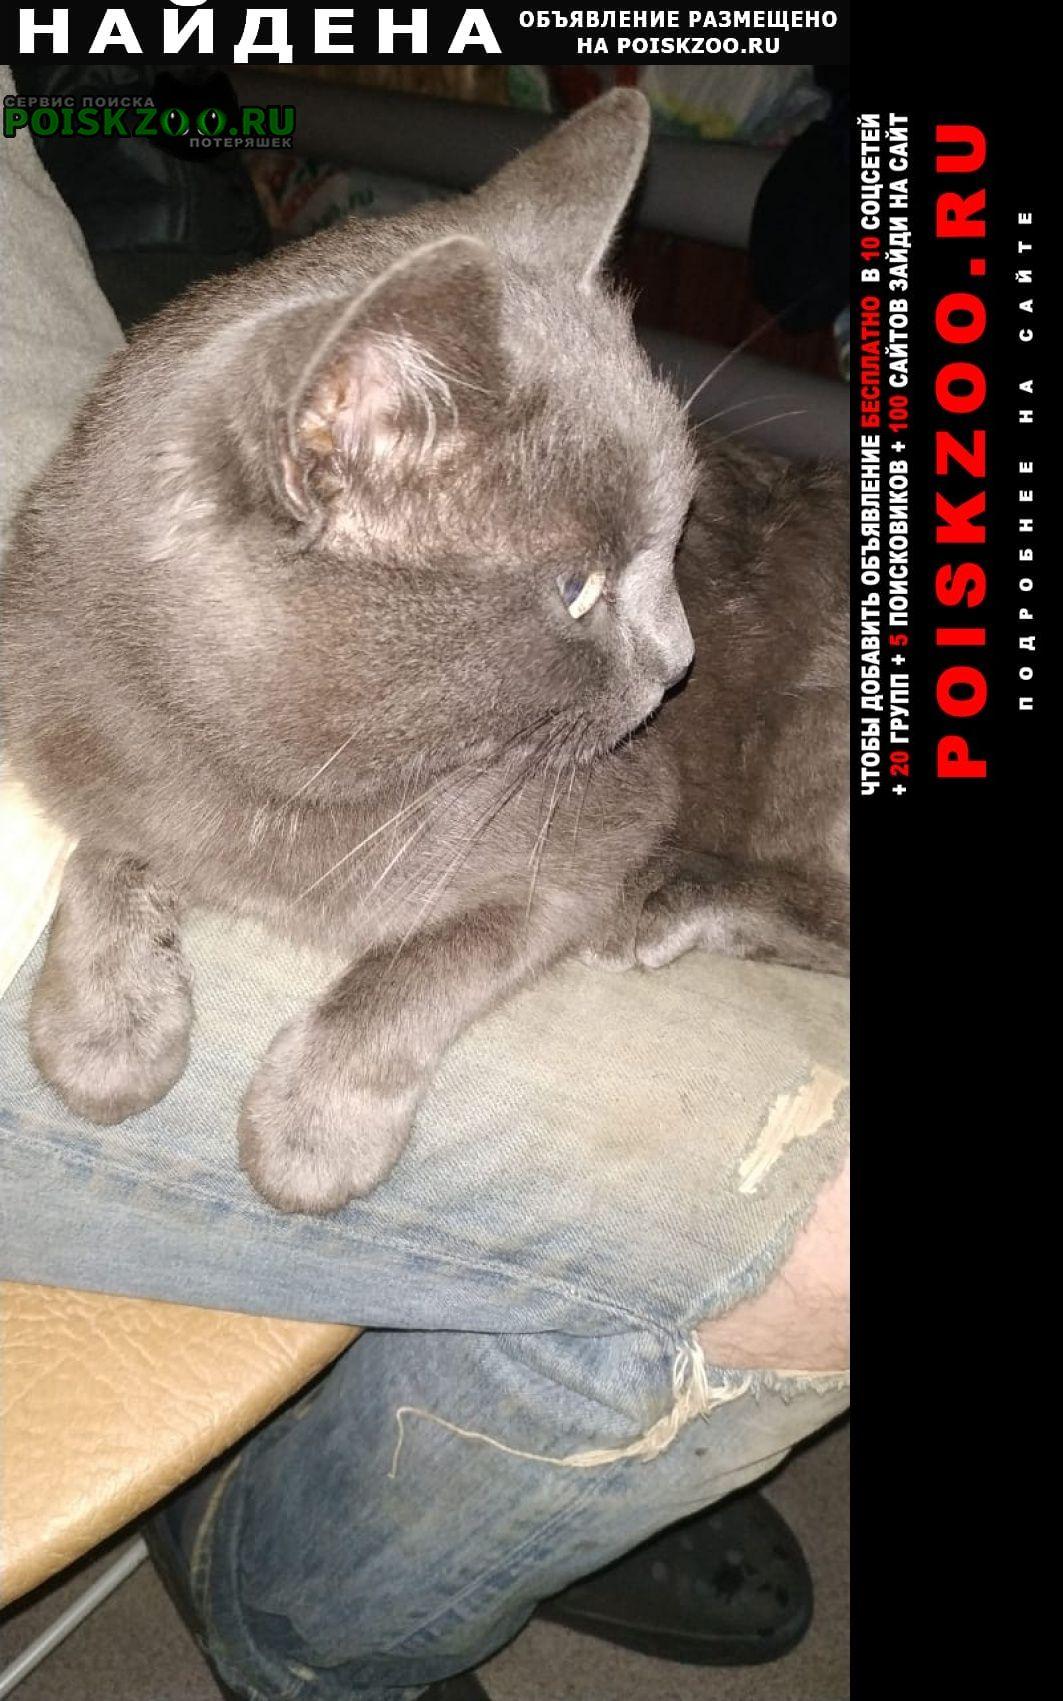 Найдена кошка Зубцов